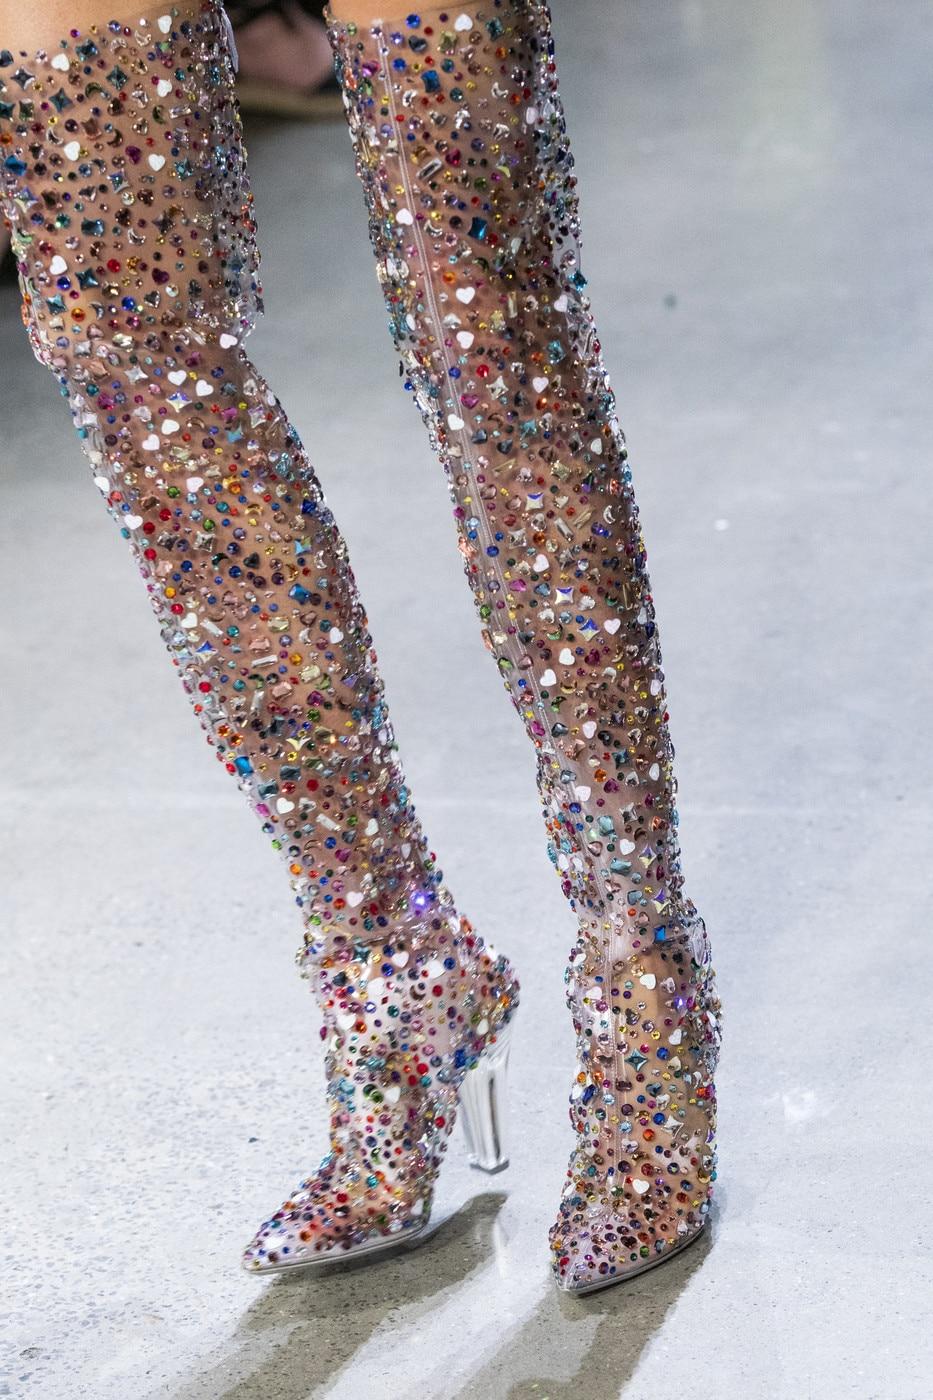 Sapatos de Salto Pvc sobre o Joelho Sestito Novo Feminino Bling Multi Cristal Transparente Praça Alto Vestido Pista Senhora Apontou Toe Botas 2021